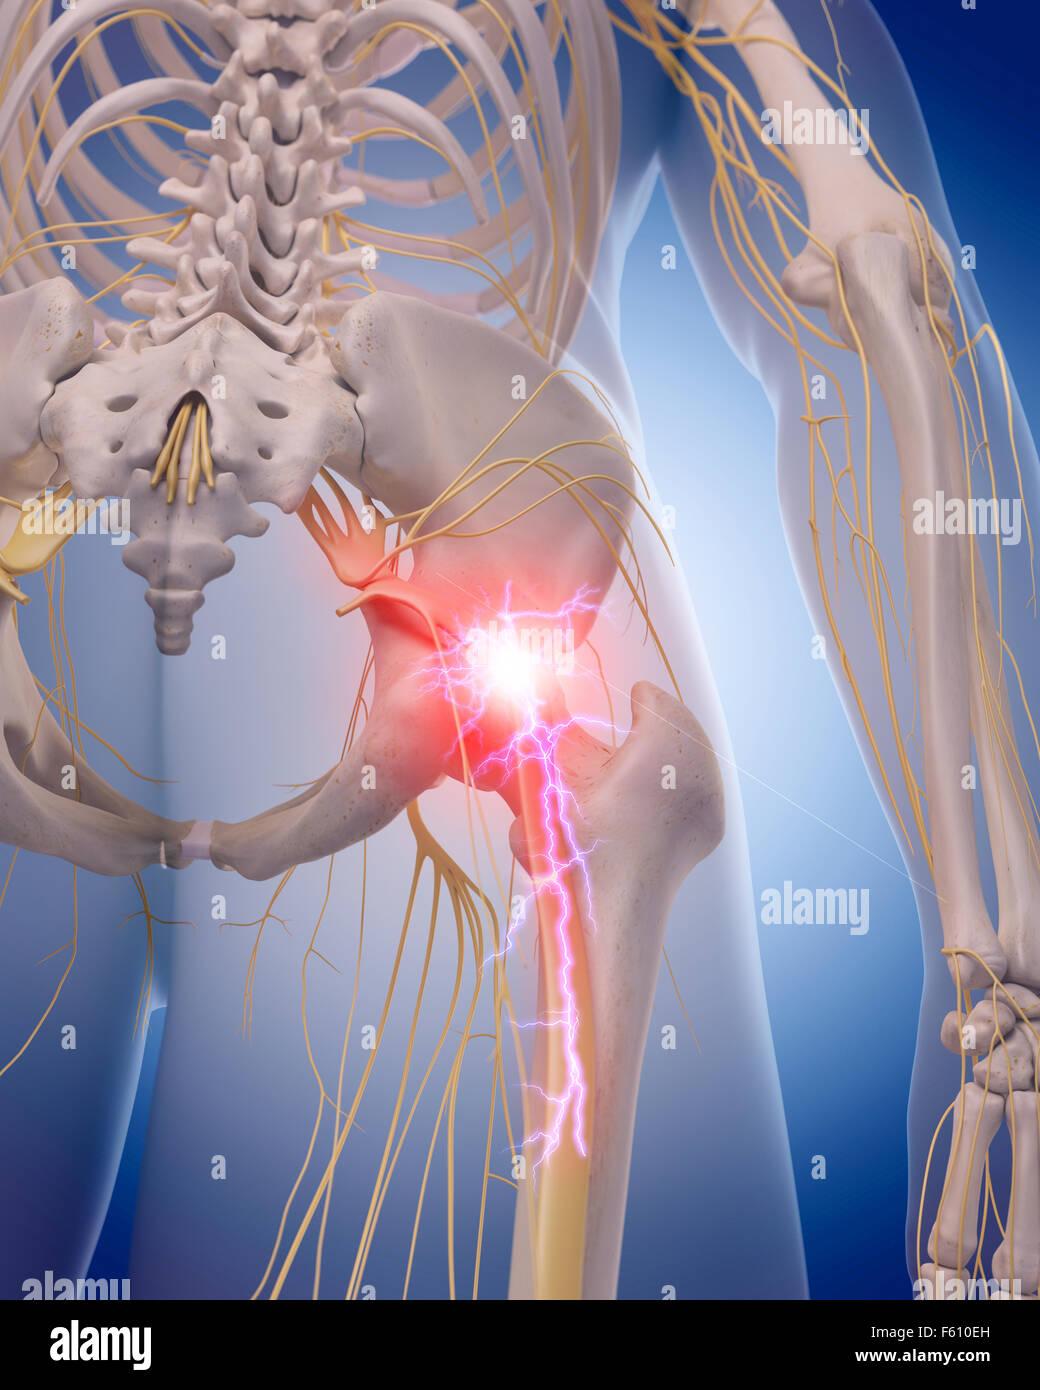 medizinisch genaue Abbildung von einer schmerzhaften Ischiasnerv Stockbild